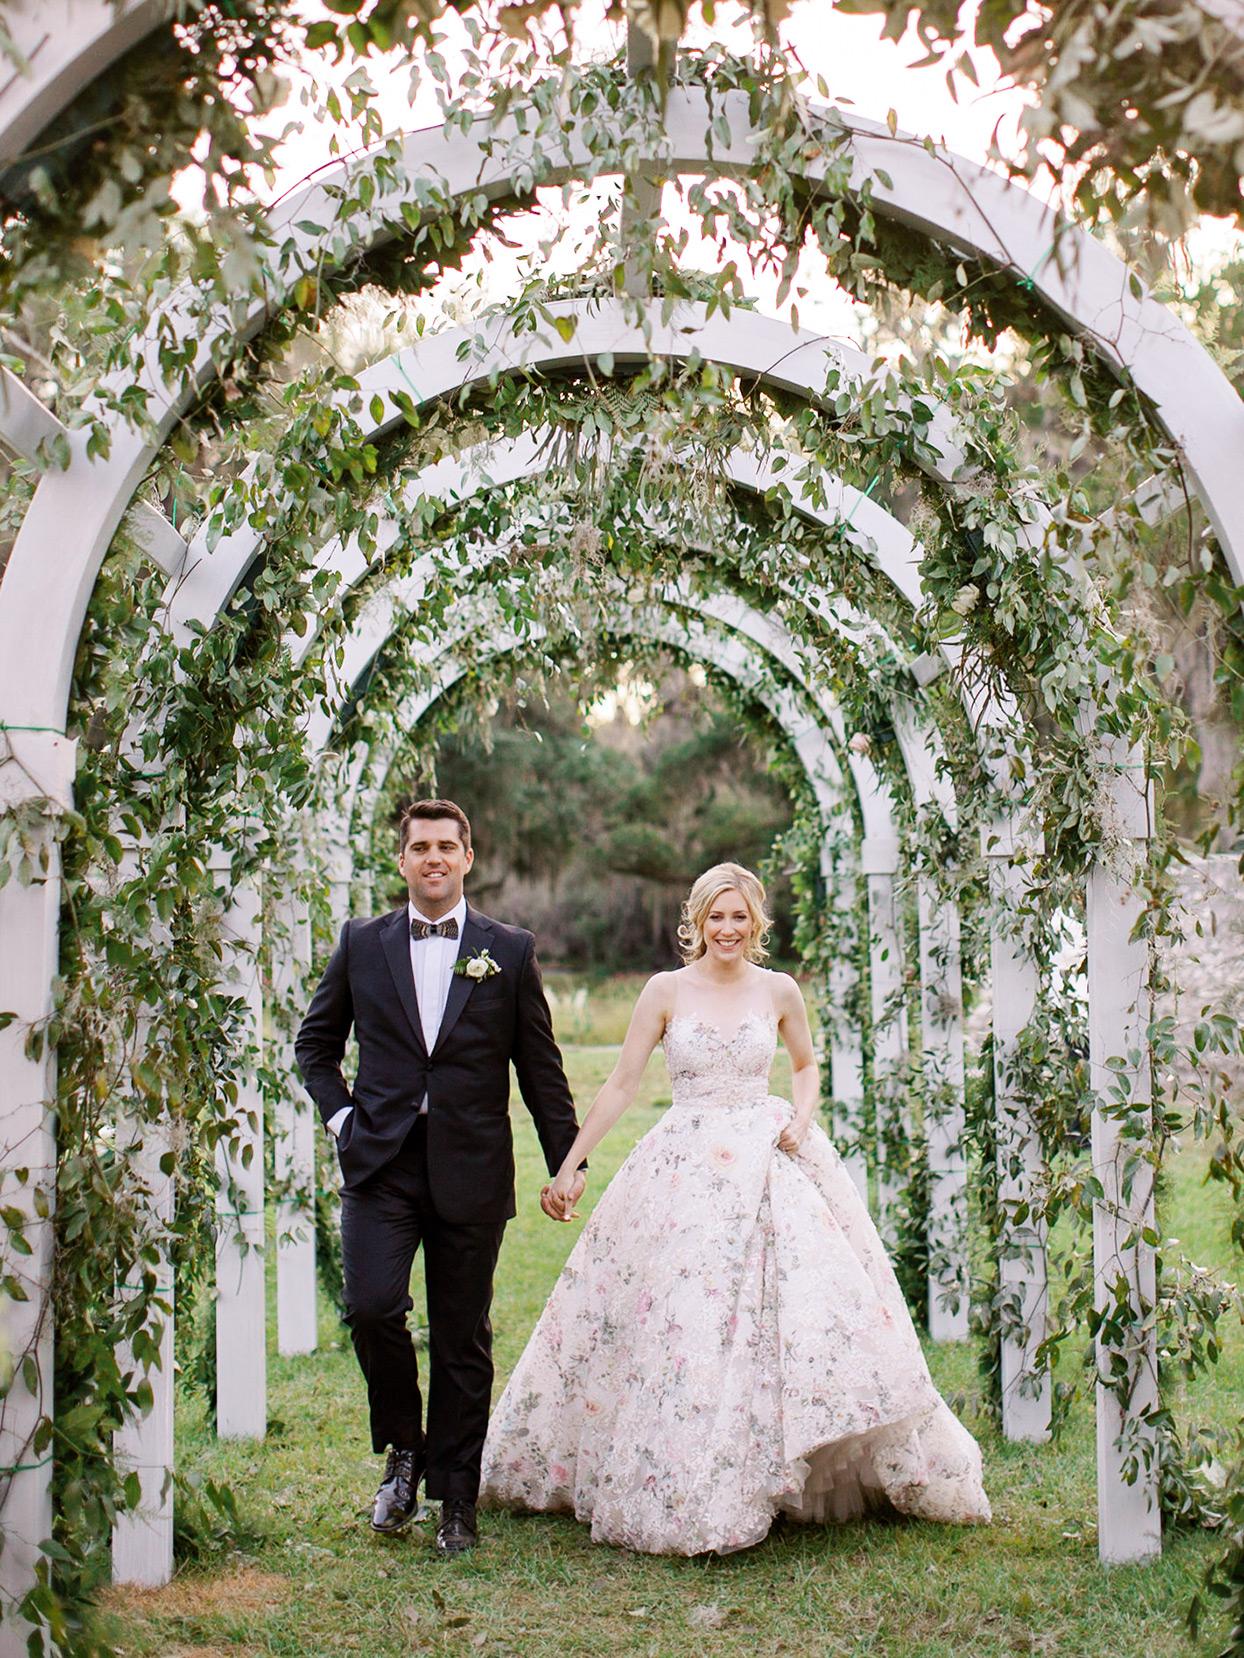 chelsea john wedding couple under white garden archway